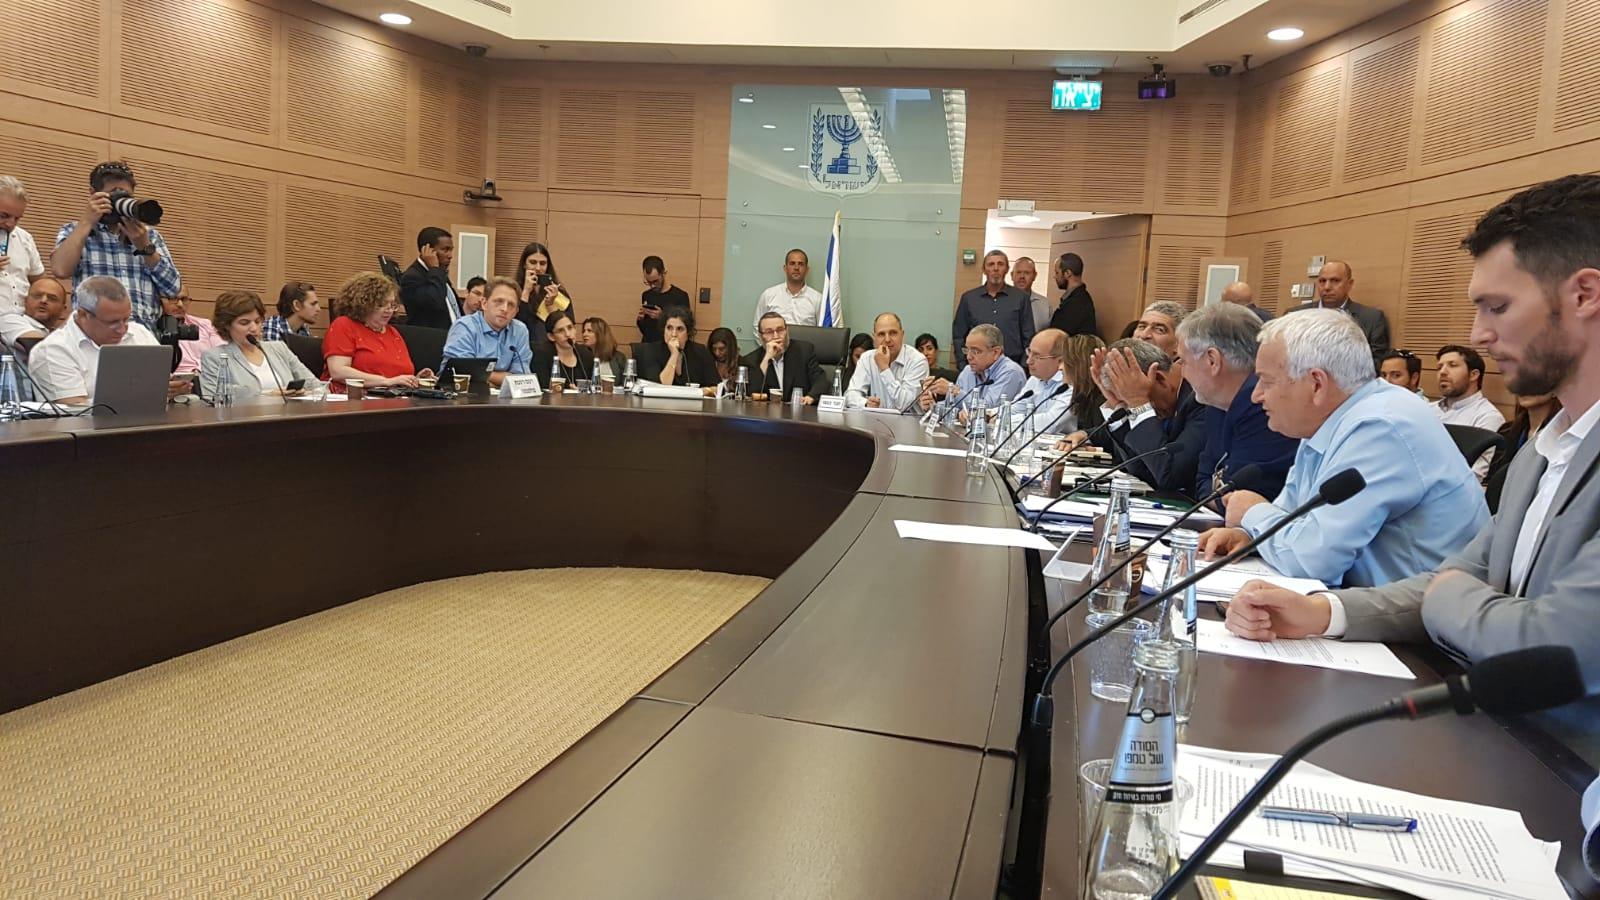 ועדת הכספים של הכנסת. צילום: אביאל מגנזי, דוברות הכנסת